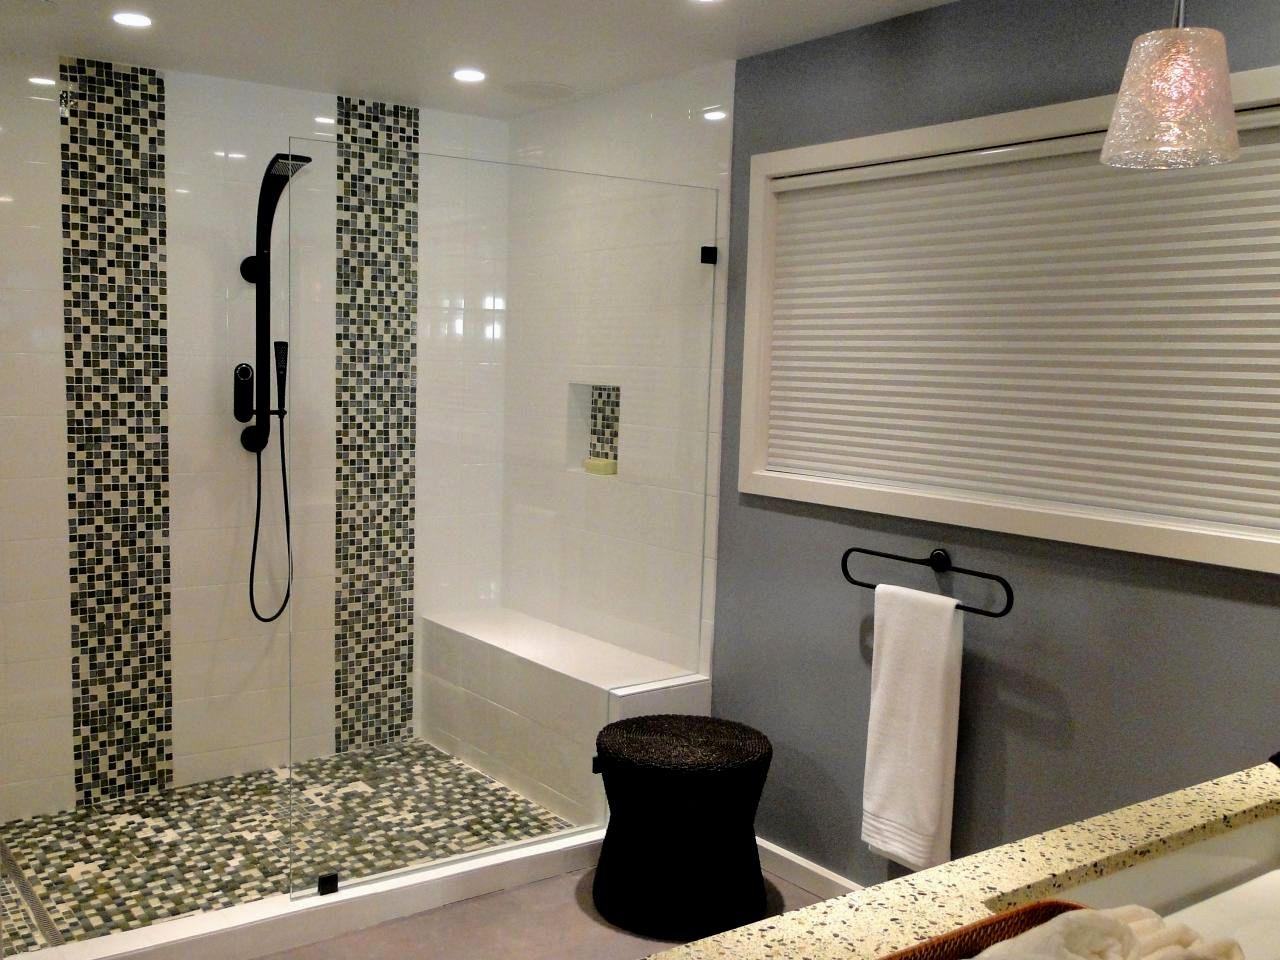 best of bathroom sink replacement online-Awesome Bathroom Sink Replacement Picture